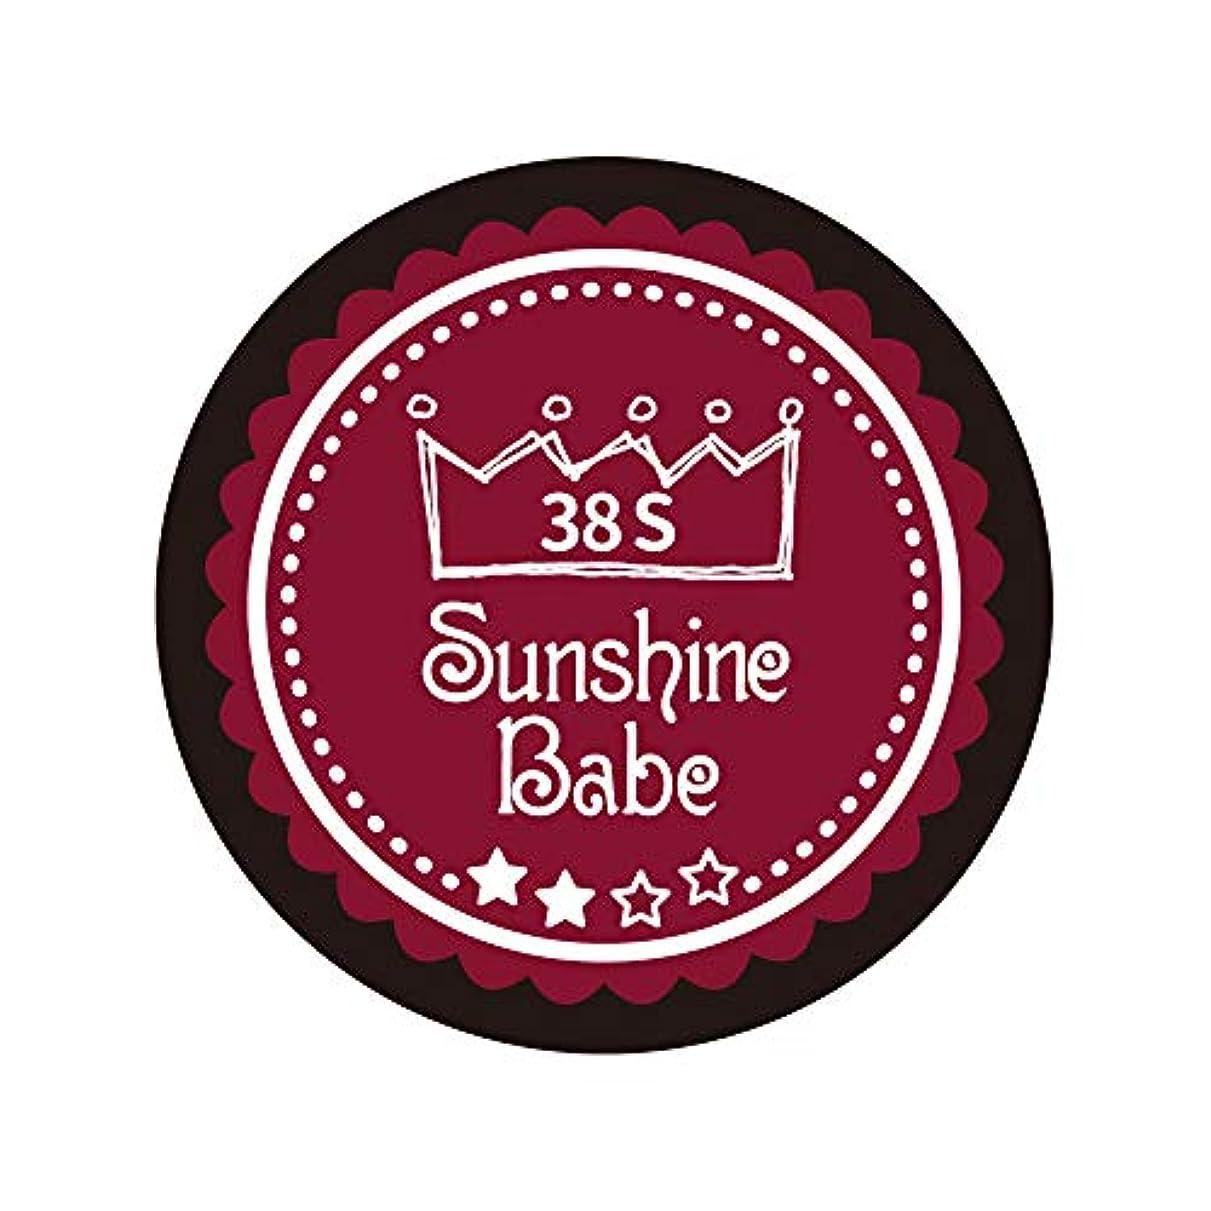 主破産耐えられるSunshine Babe カラージェル 38S レッドペア 2.7g UV/LED対応